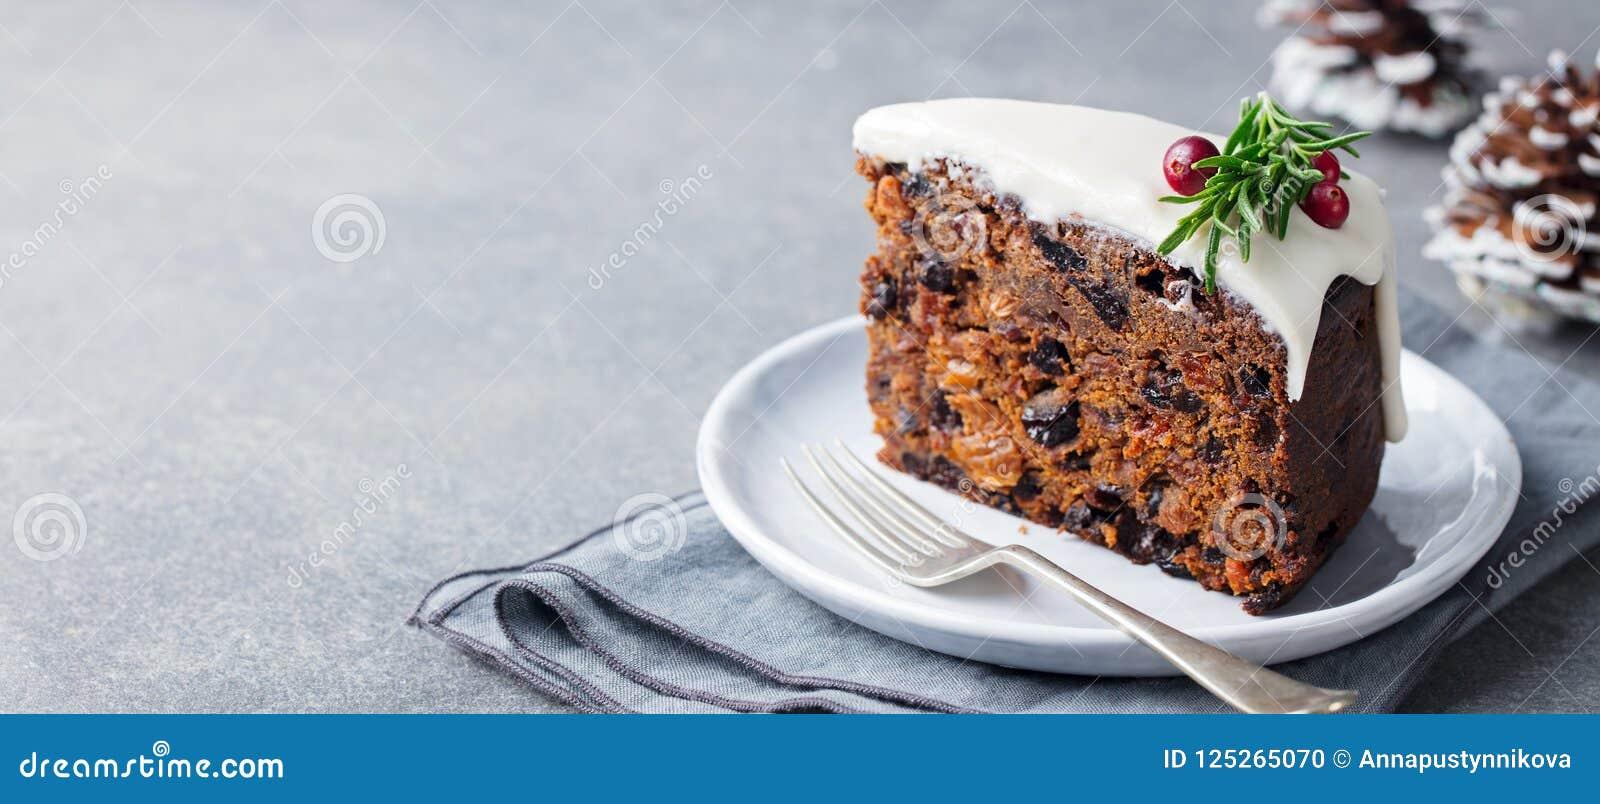 Jul bär frukt kakan, pudding på den vita plattan kopiera avstånd